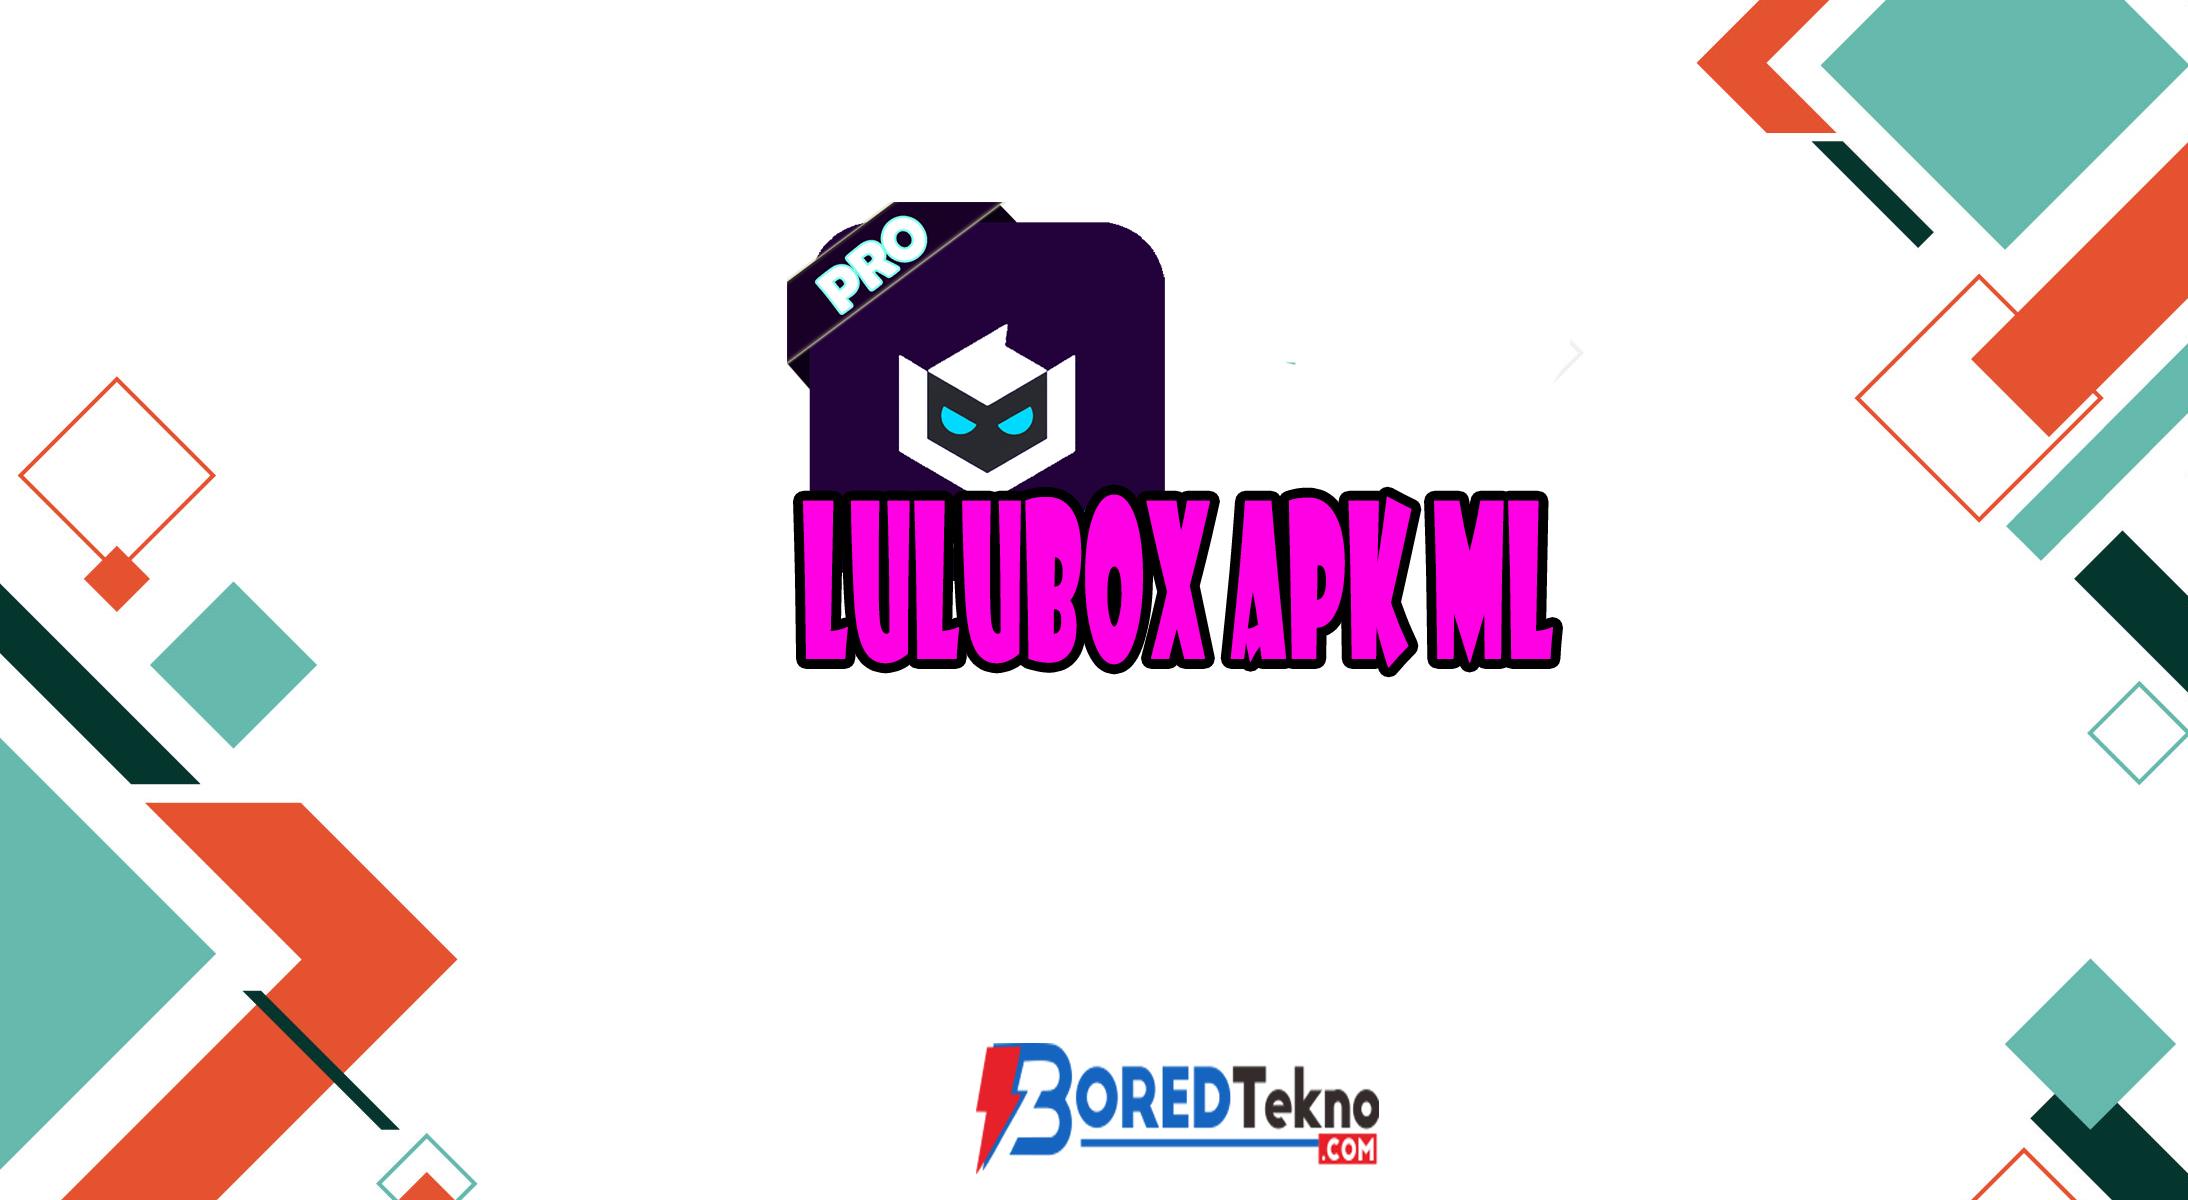 Lulubox Apk ML